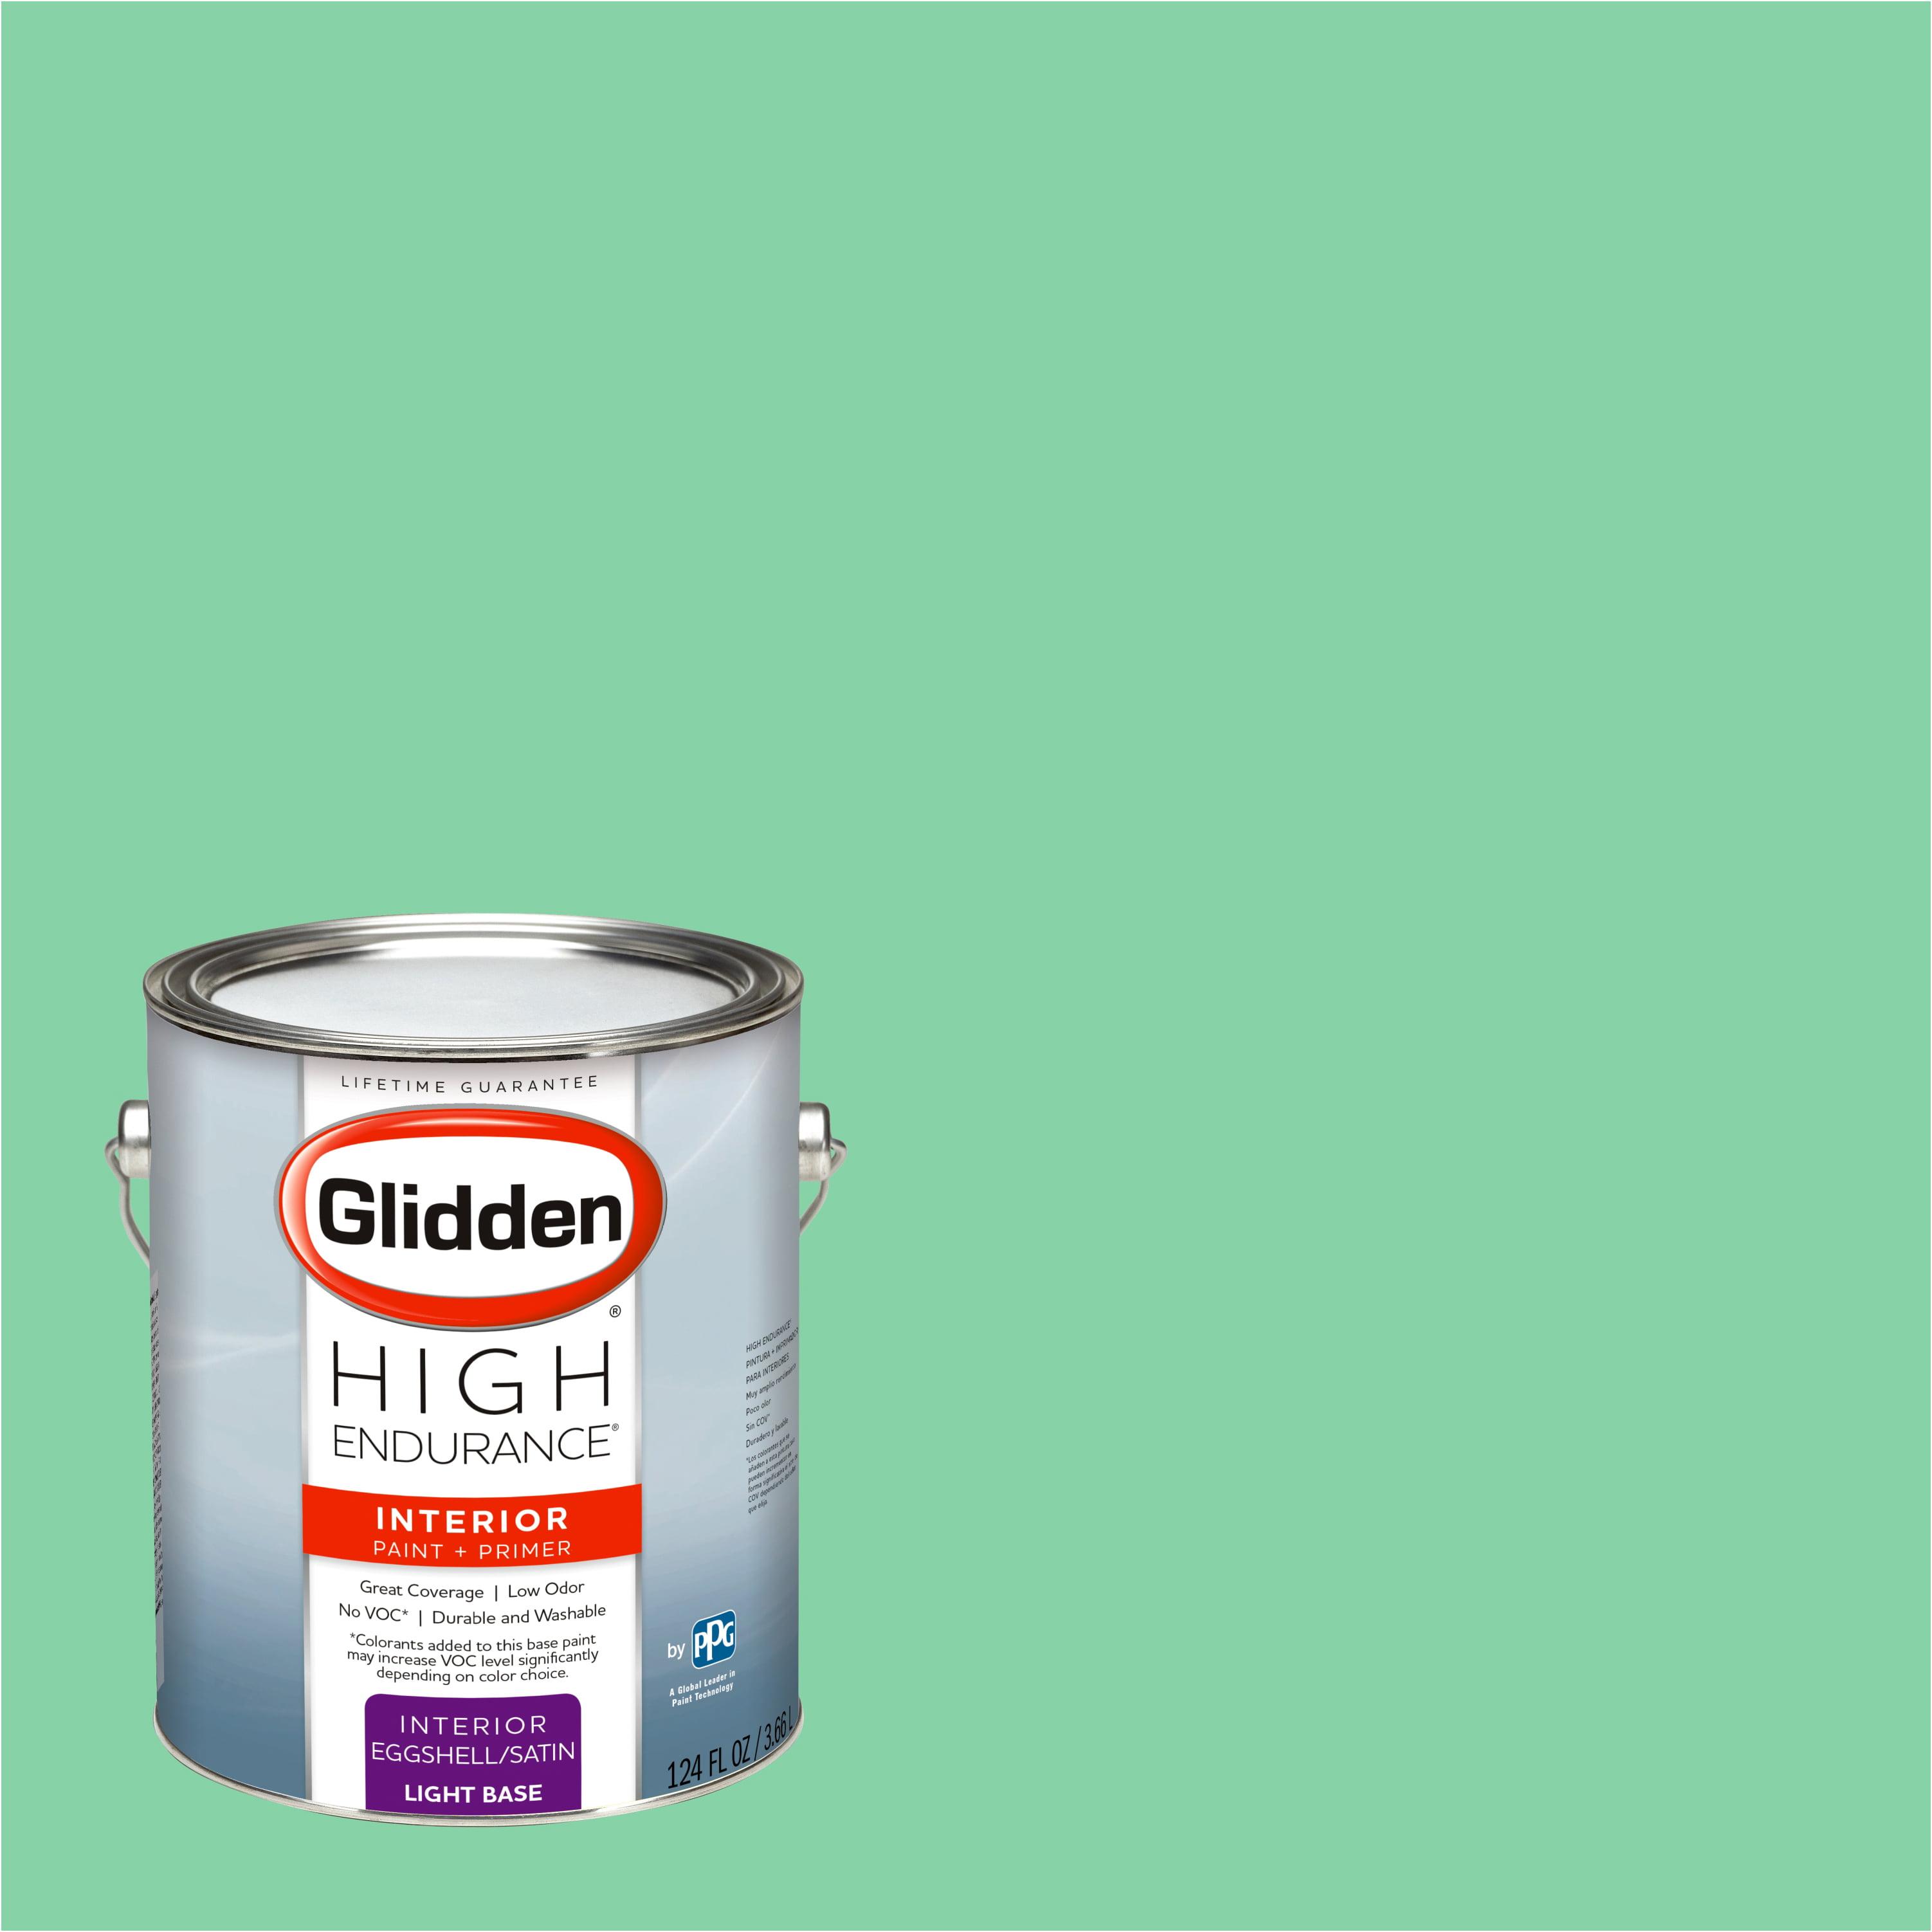 Glidden High Endurance, Interior Paint and Primer, Pillow Mint, # 90GY 54/334